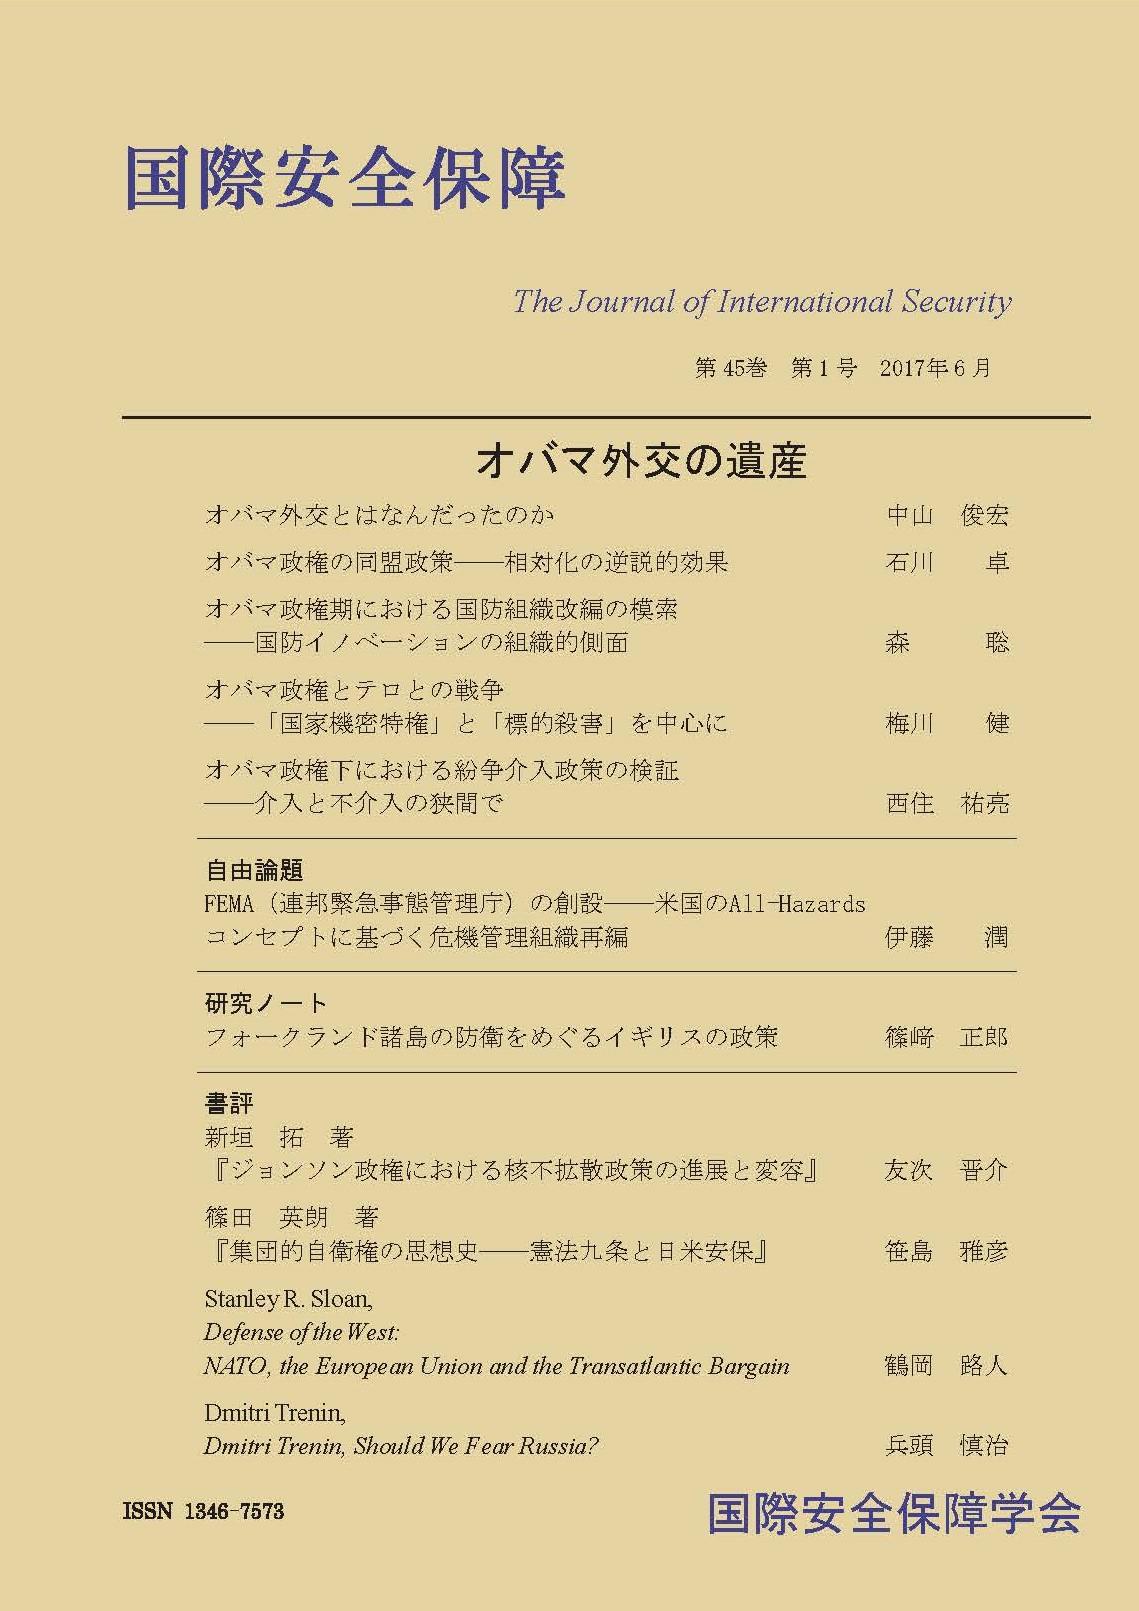 学会機関誌「国際安全保障」